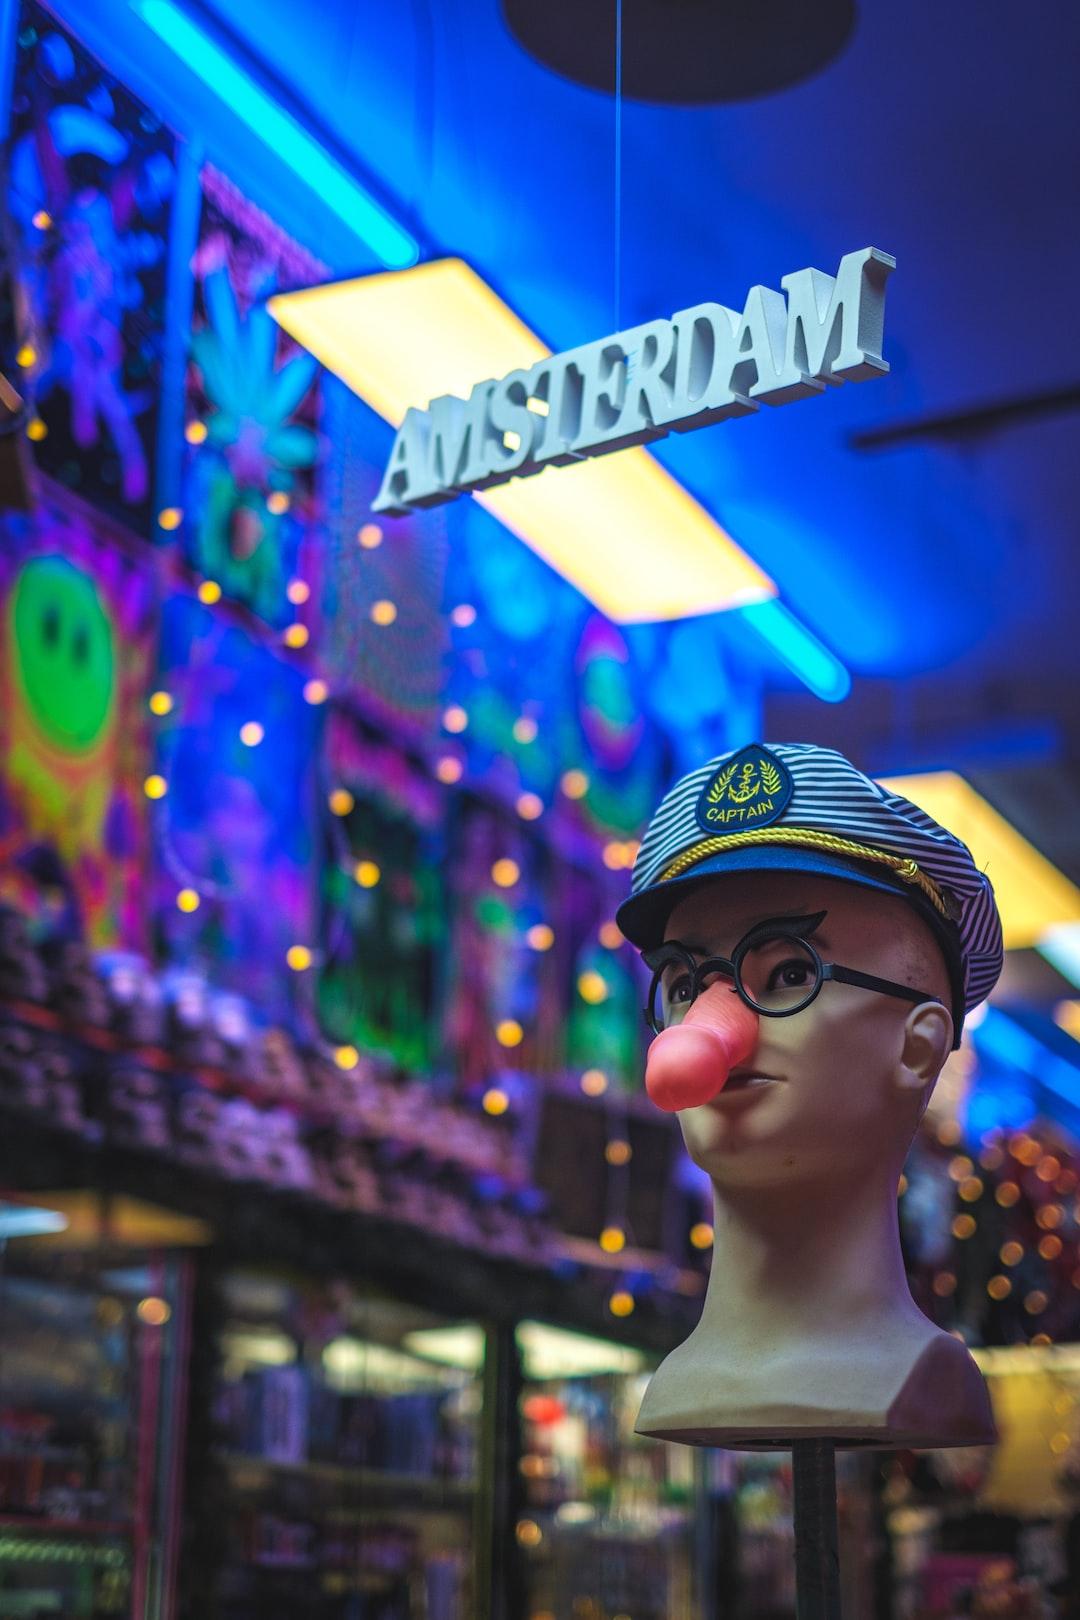 The Souvenir shop in Amsterdam. A sailor with the nose vibrator.